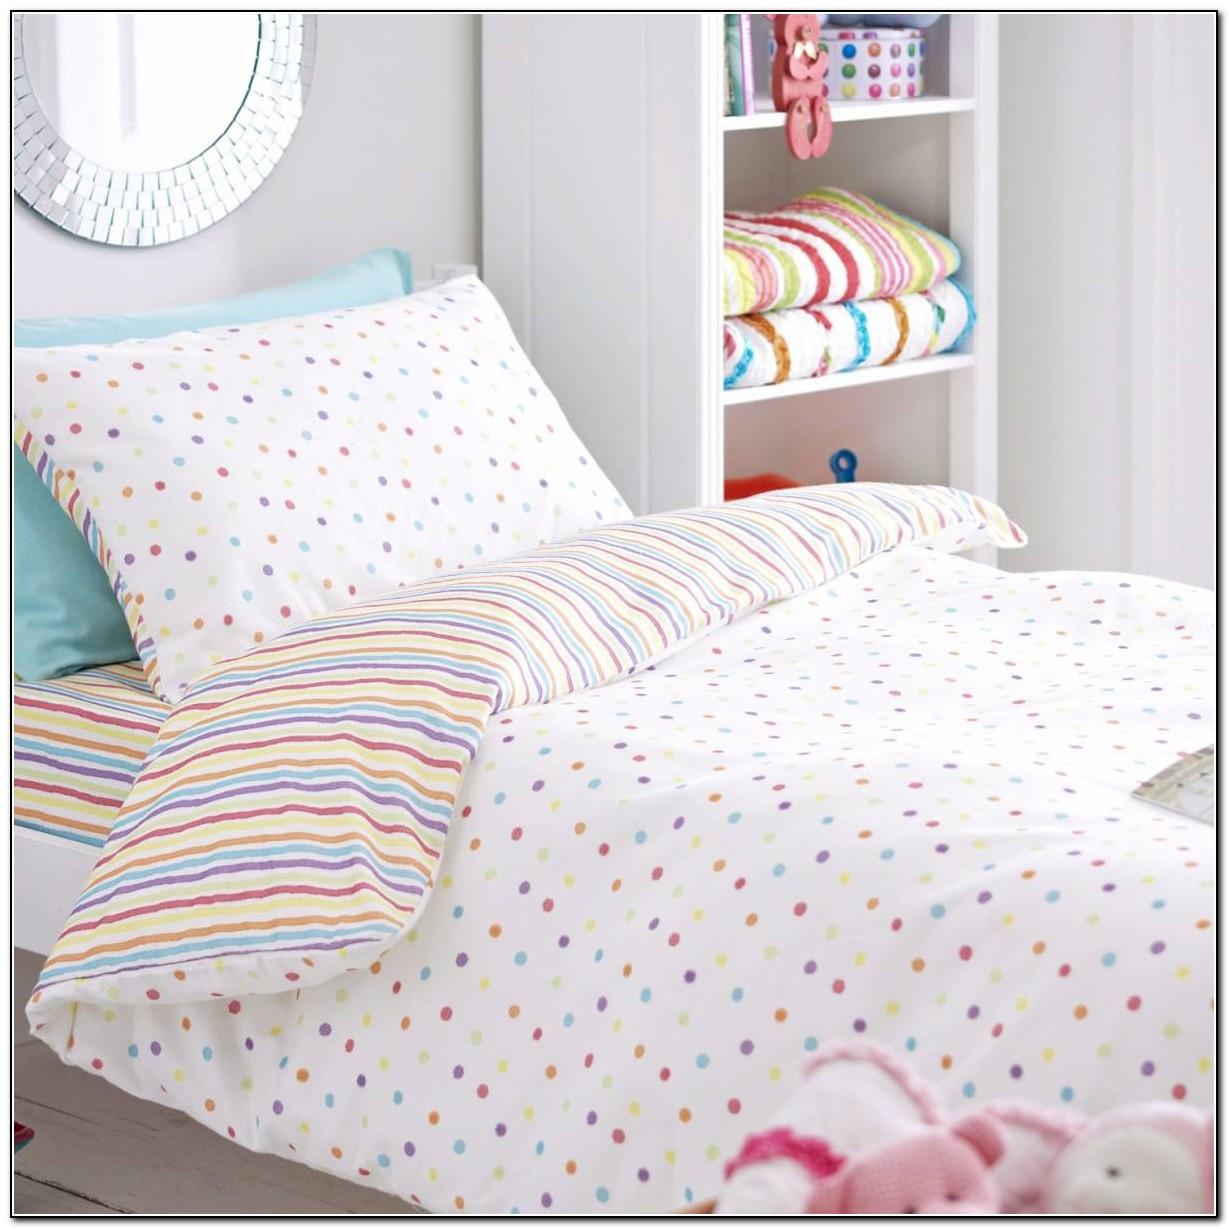 Polka Dot Bedding For Girls